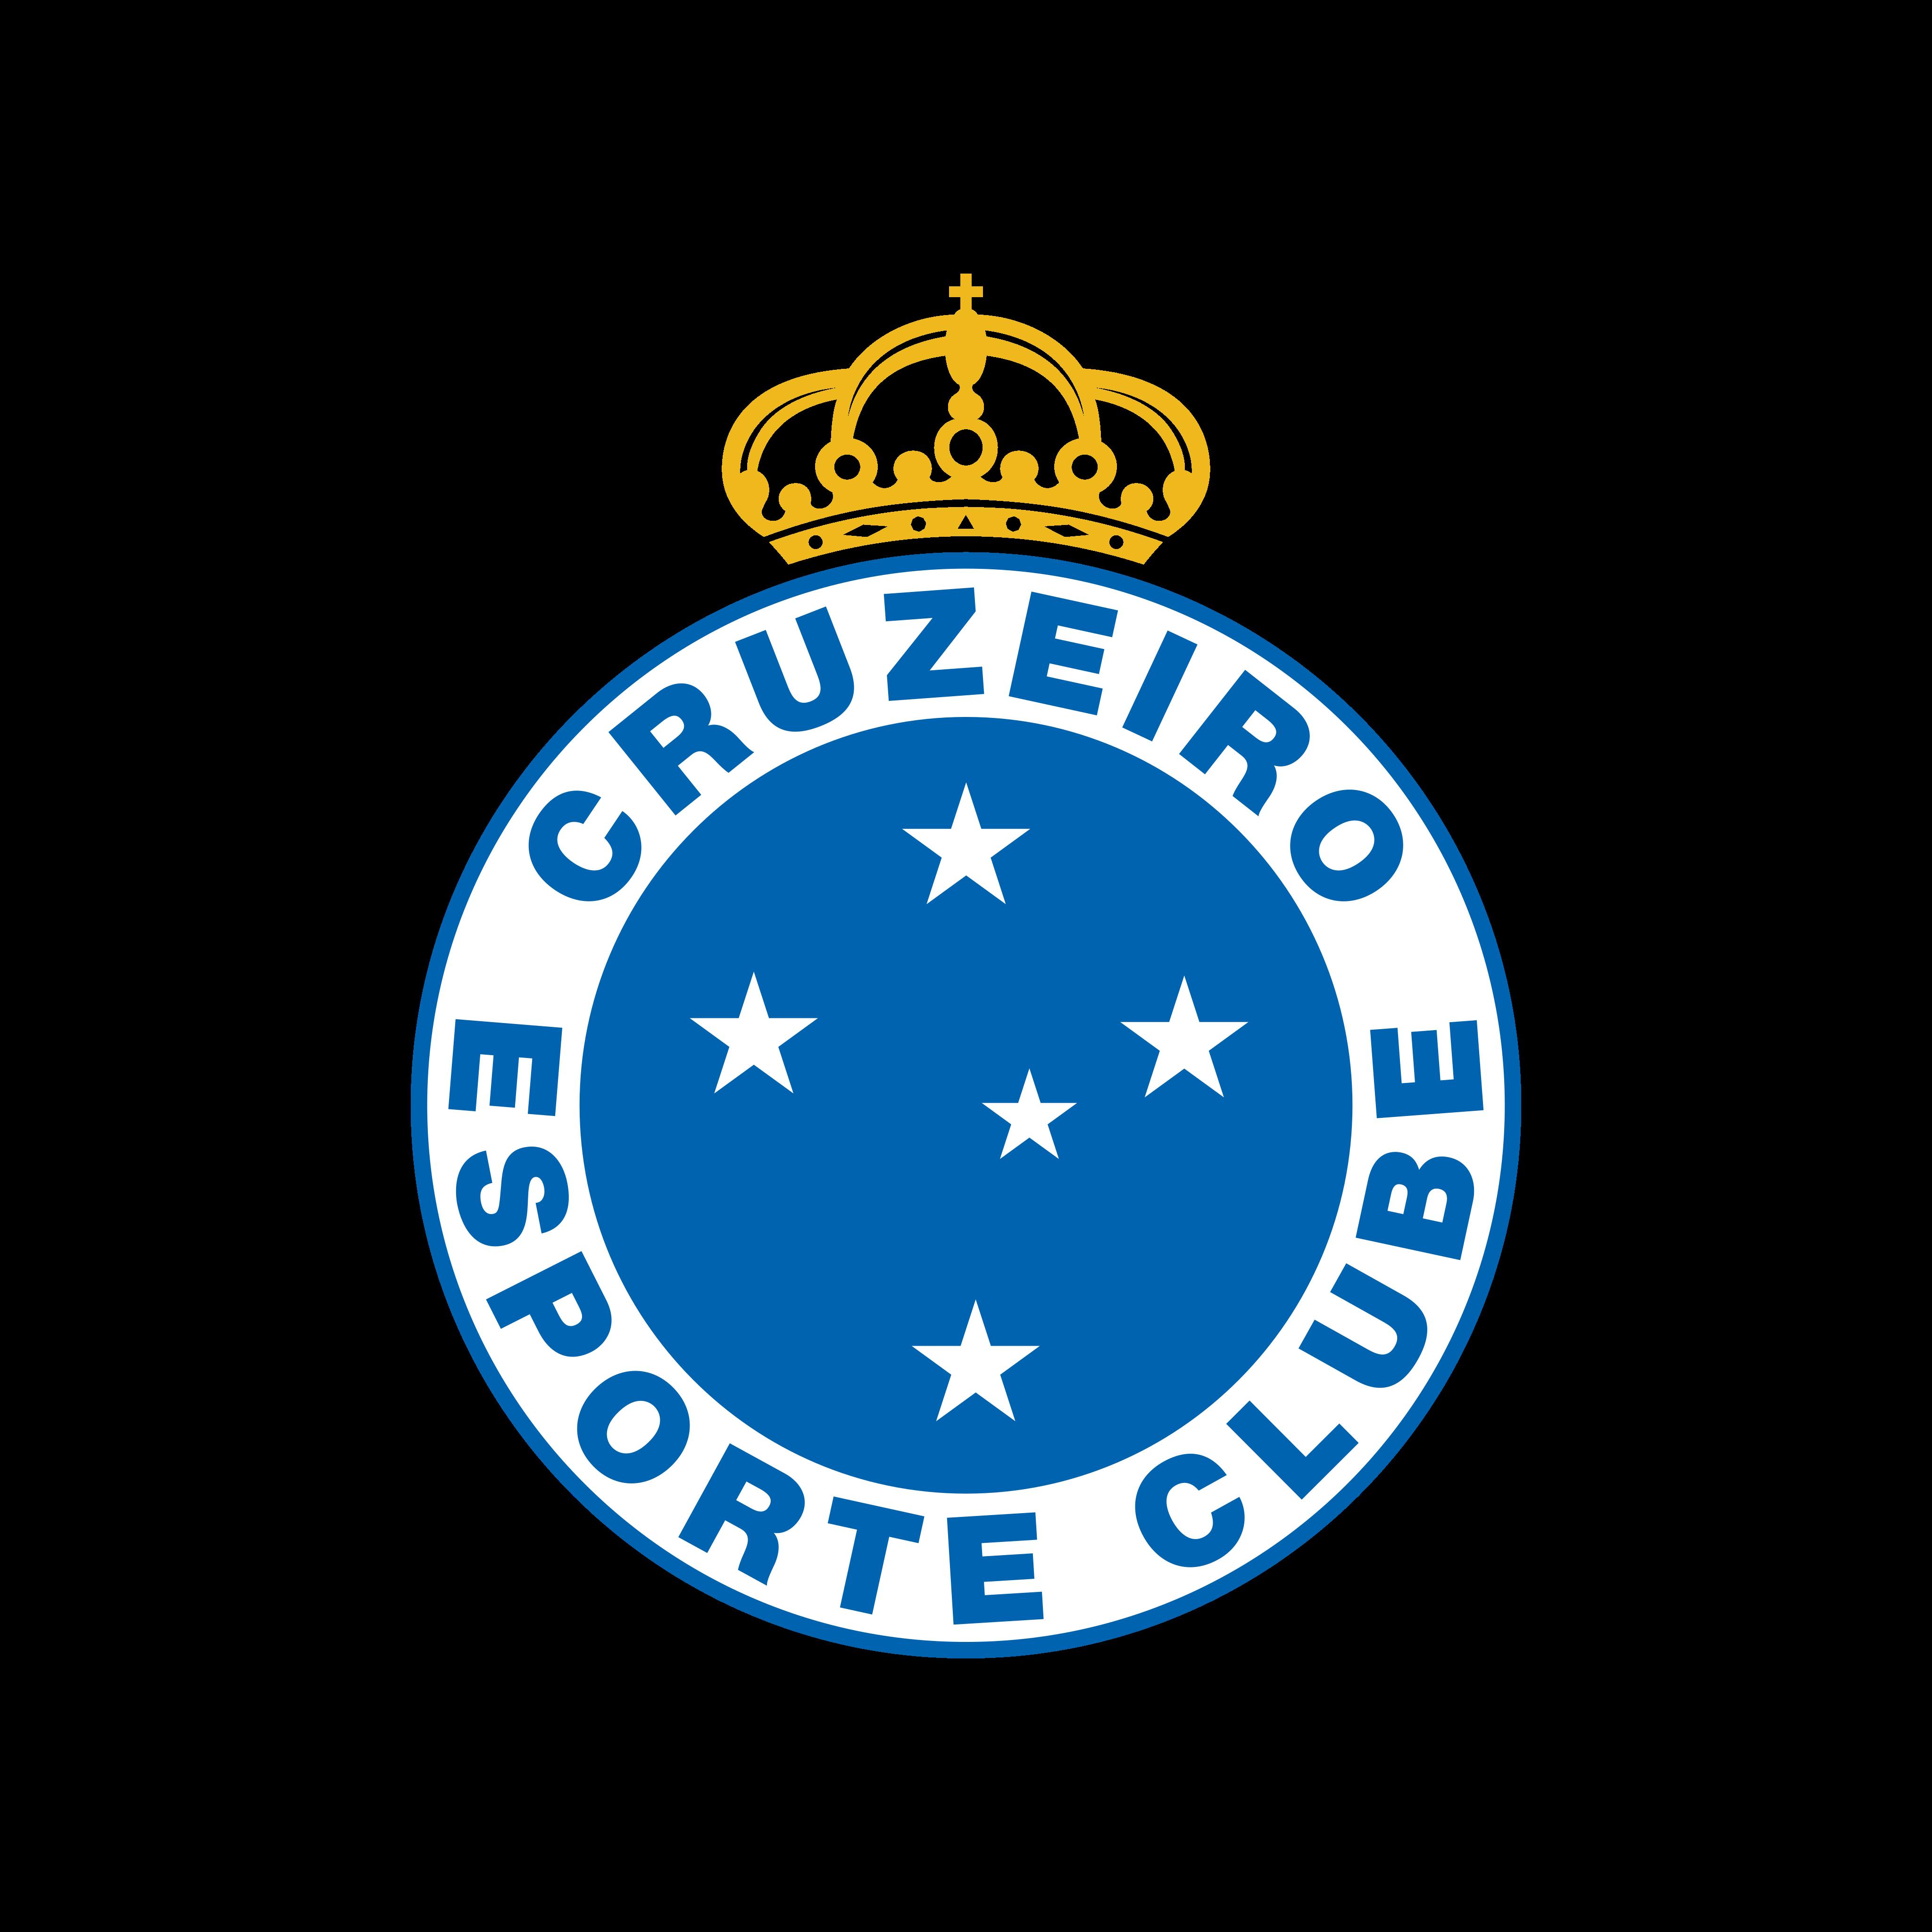 cruzeiro logo 0 - Cruzeiro EC Logo